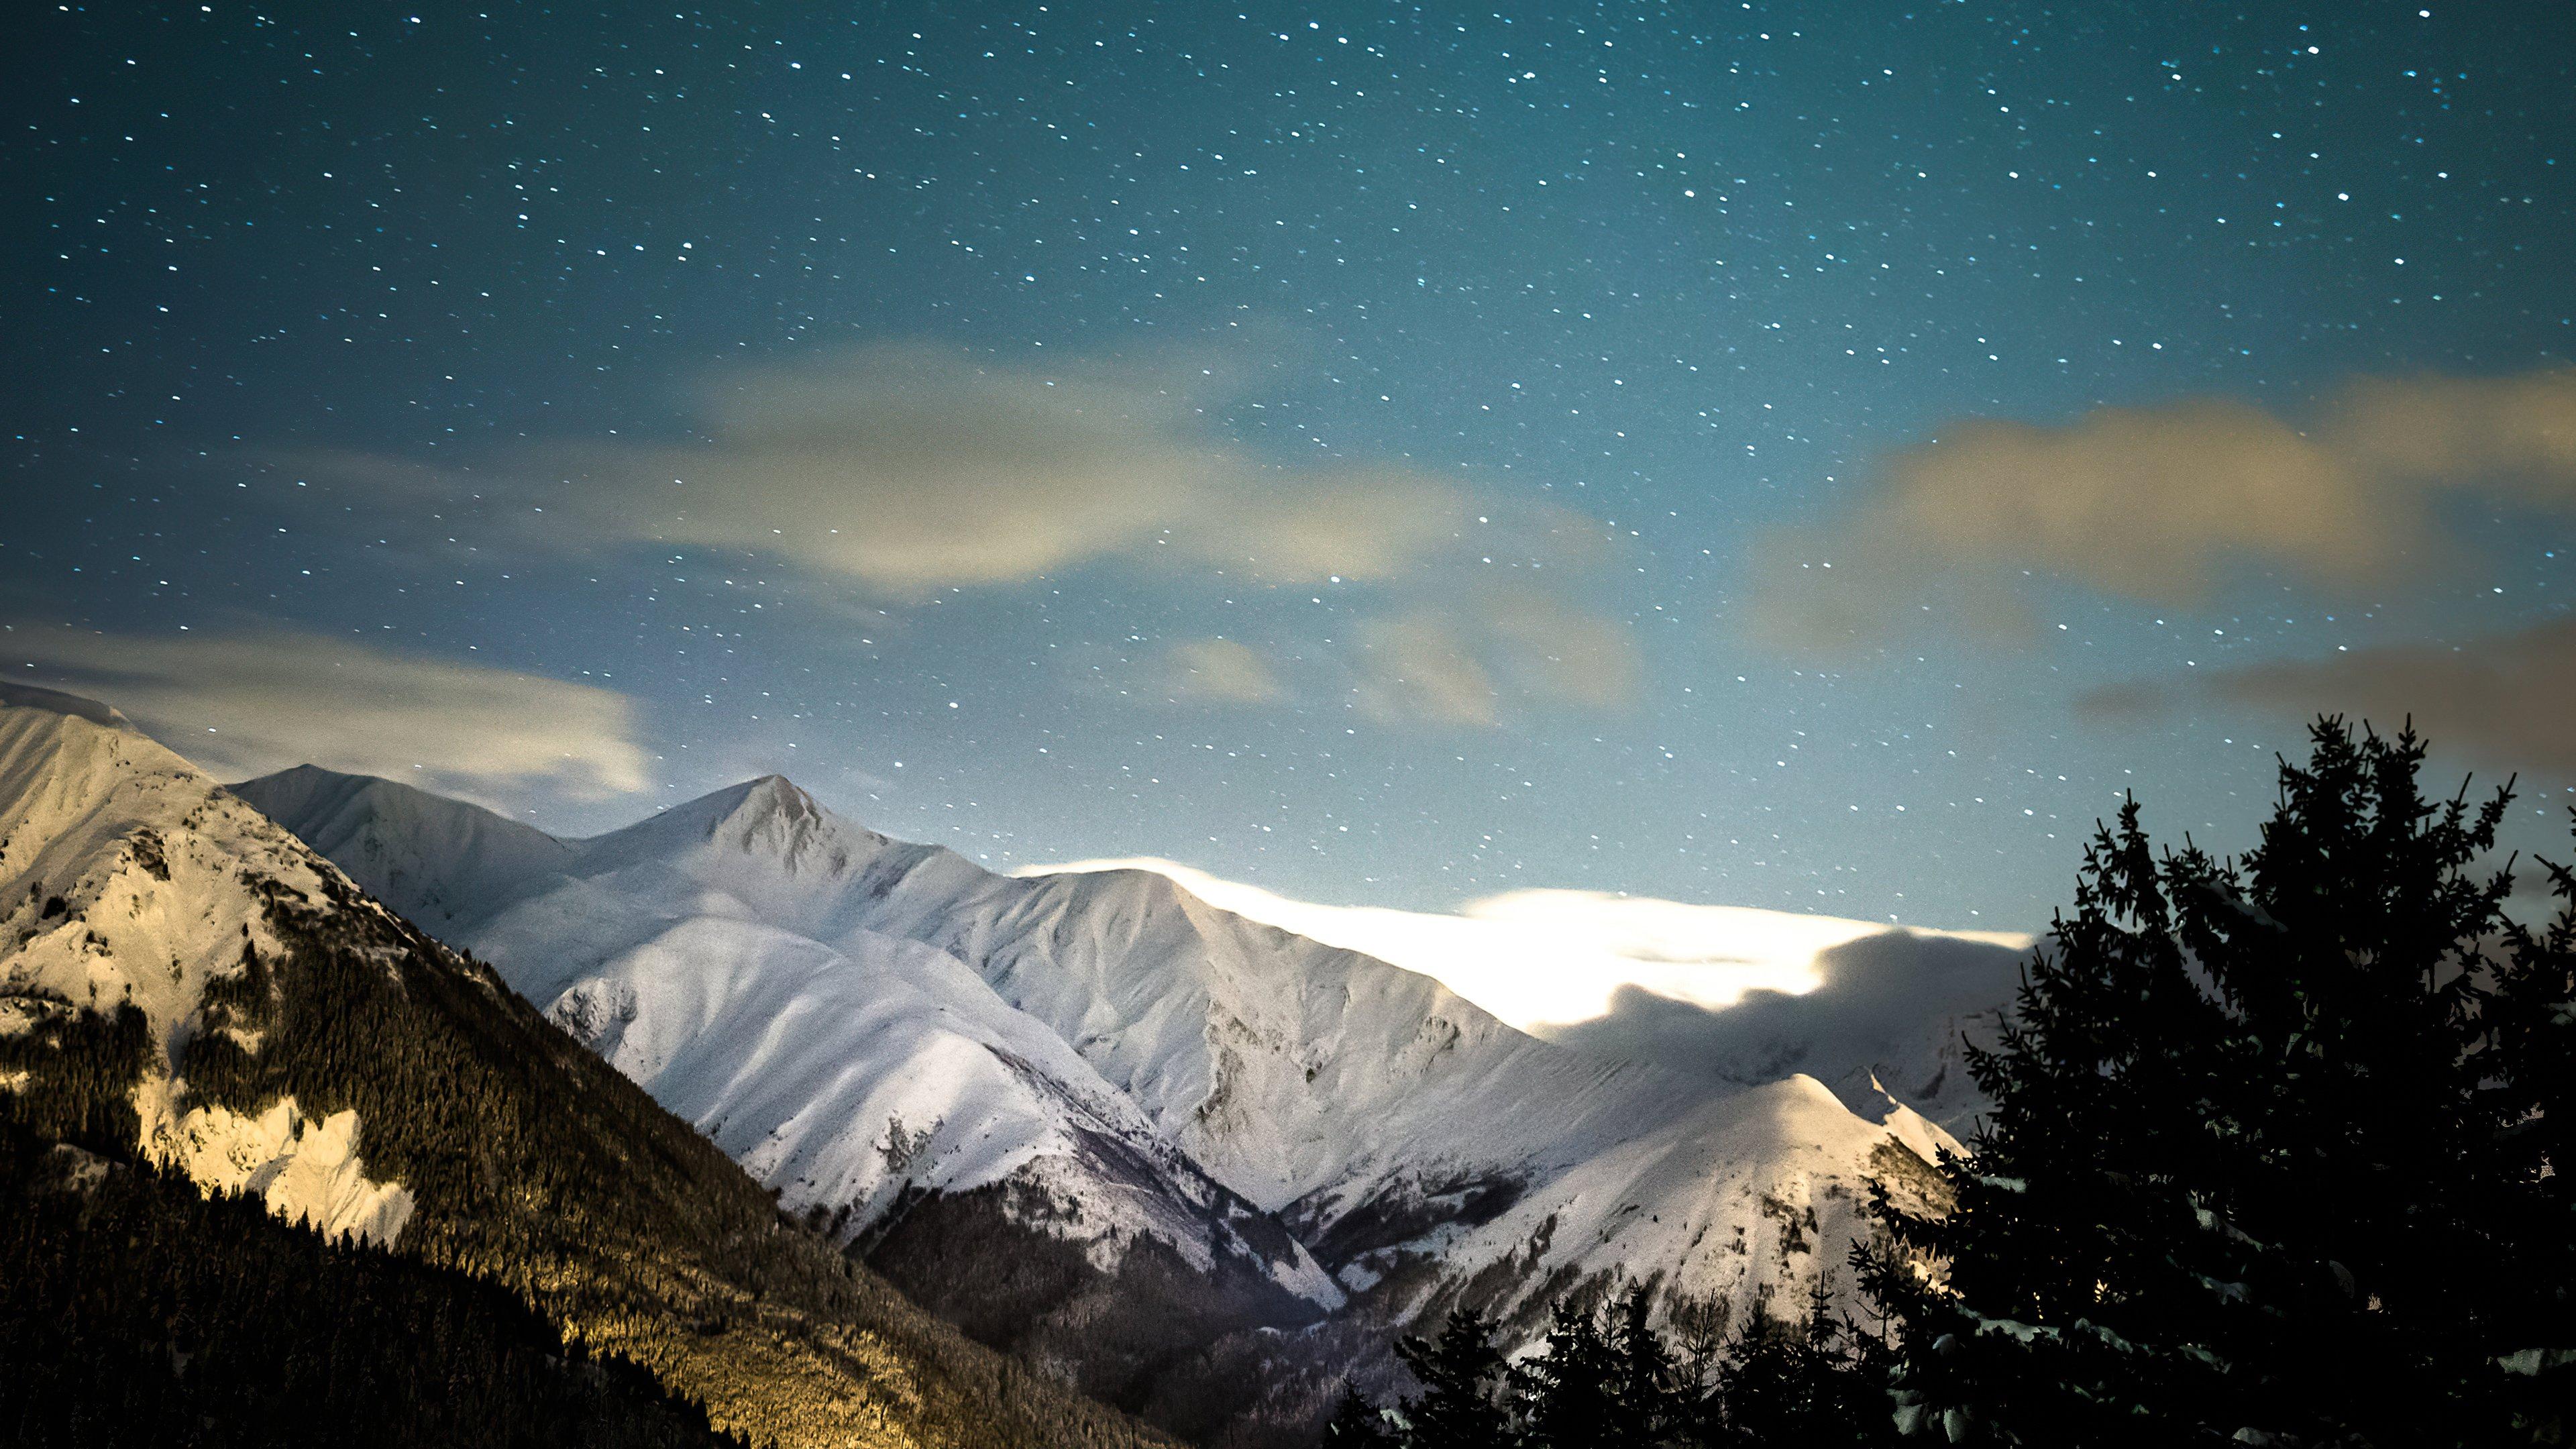 Fondos de pantalla Invierno en las montañas